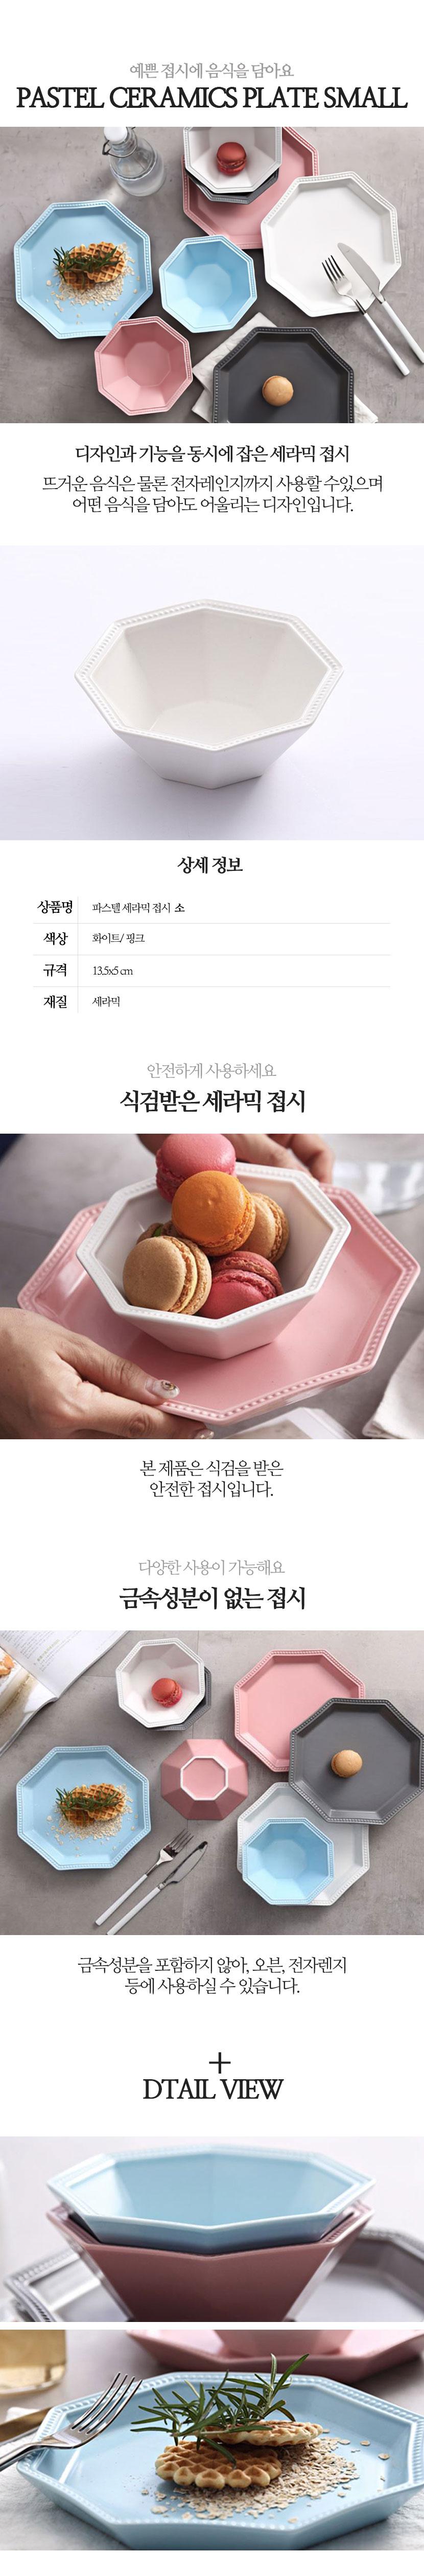 세라믹 파스텔 옥타곤 접시 소(화이트/핑크) - 룸바이디자인, 9,500원, 접시/찬기, 접시